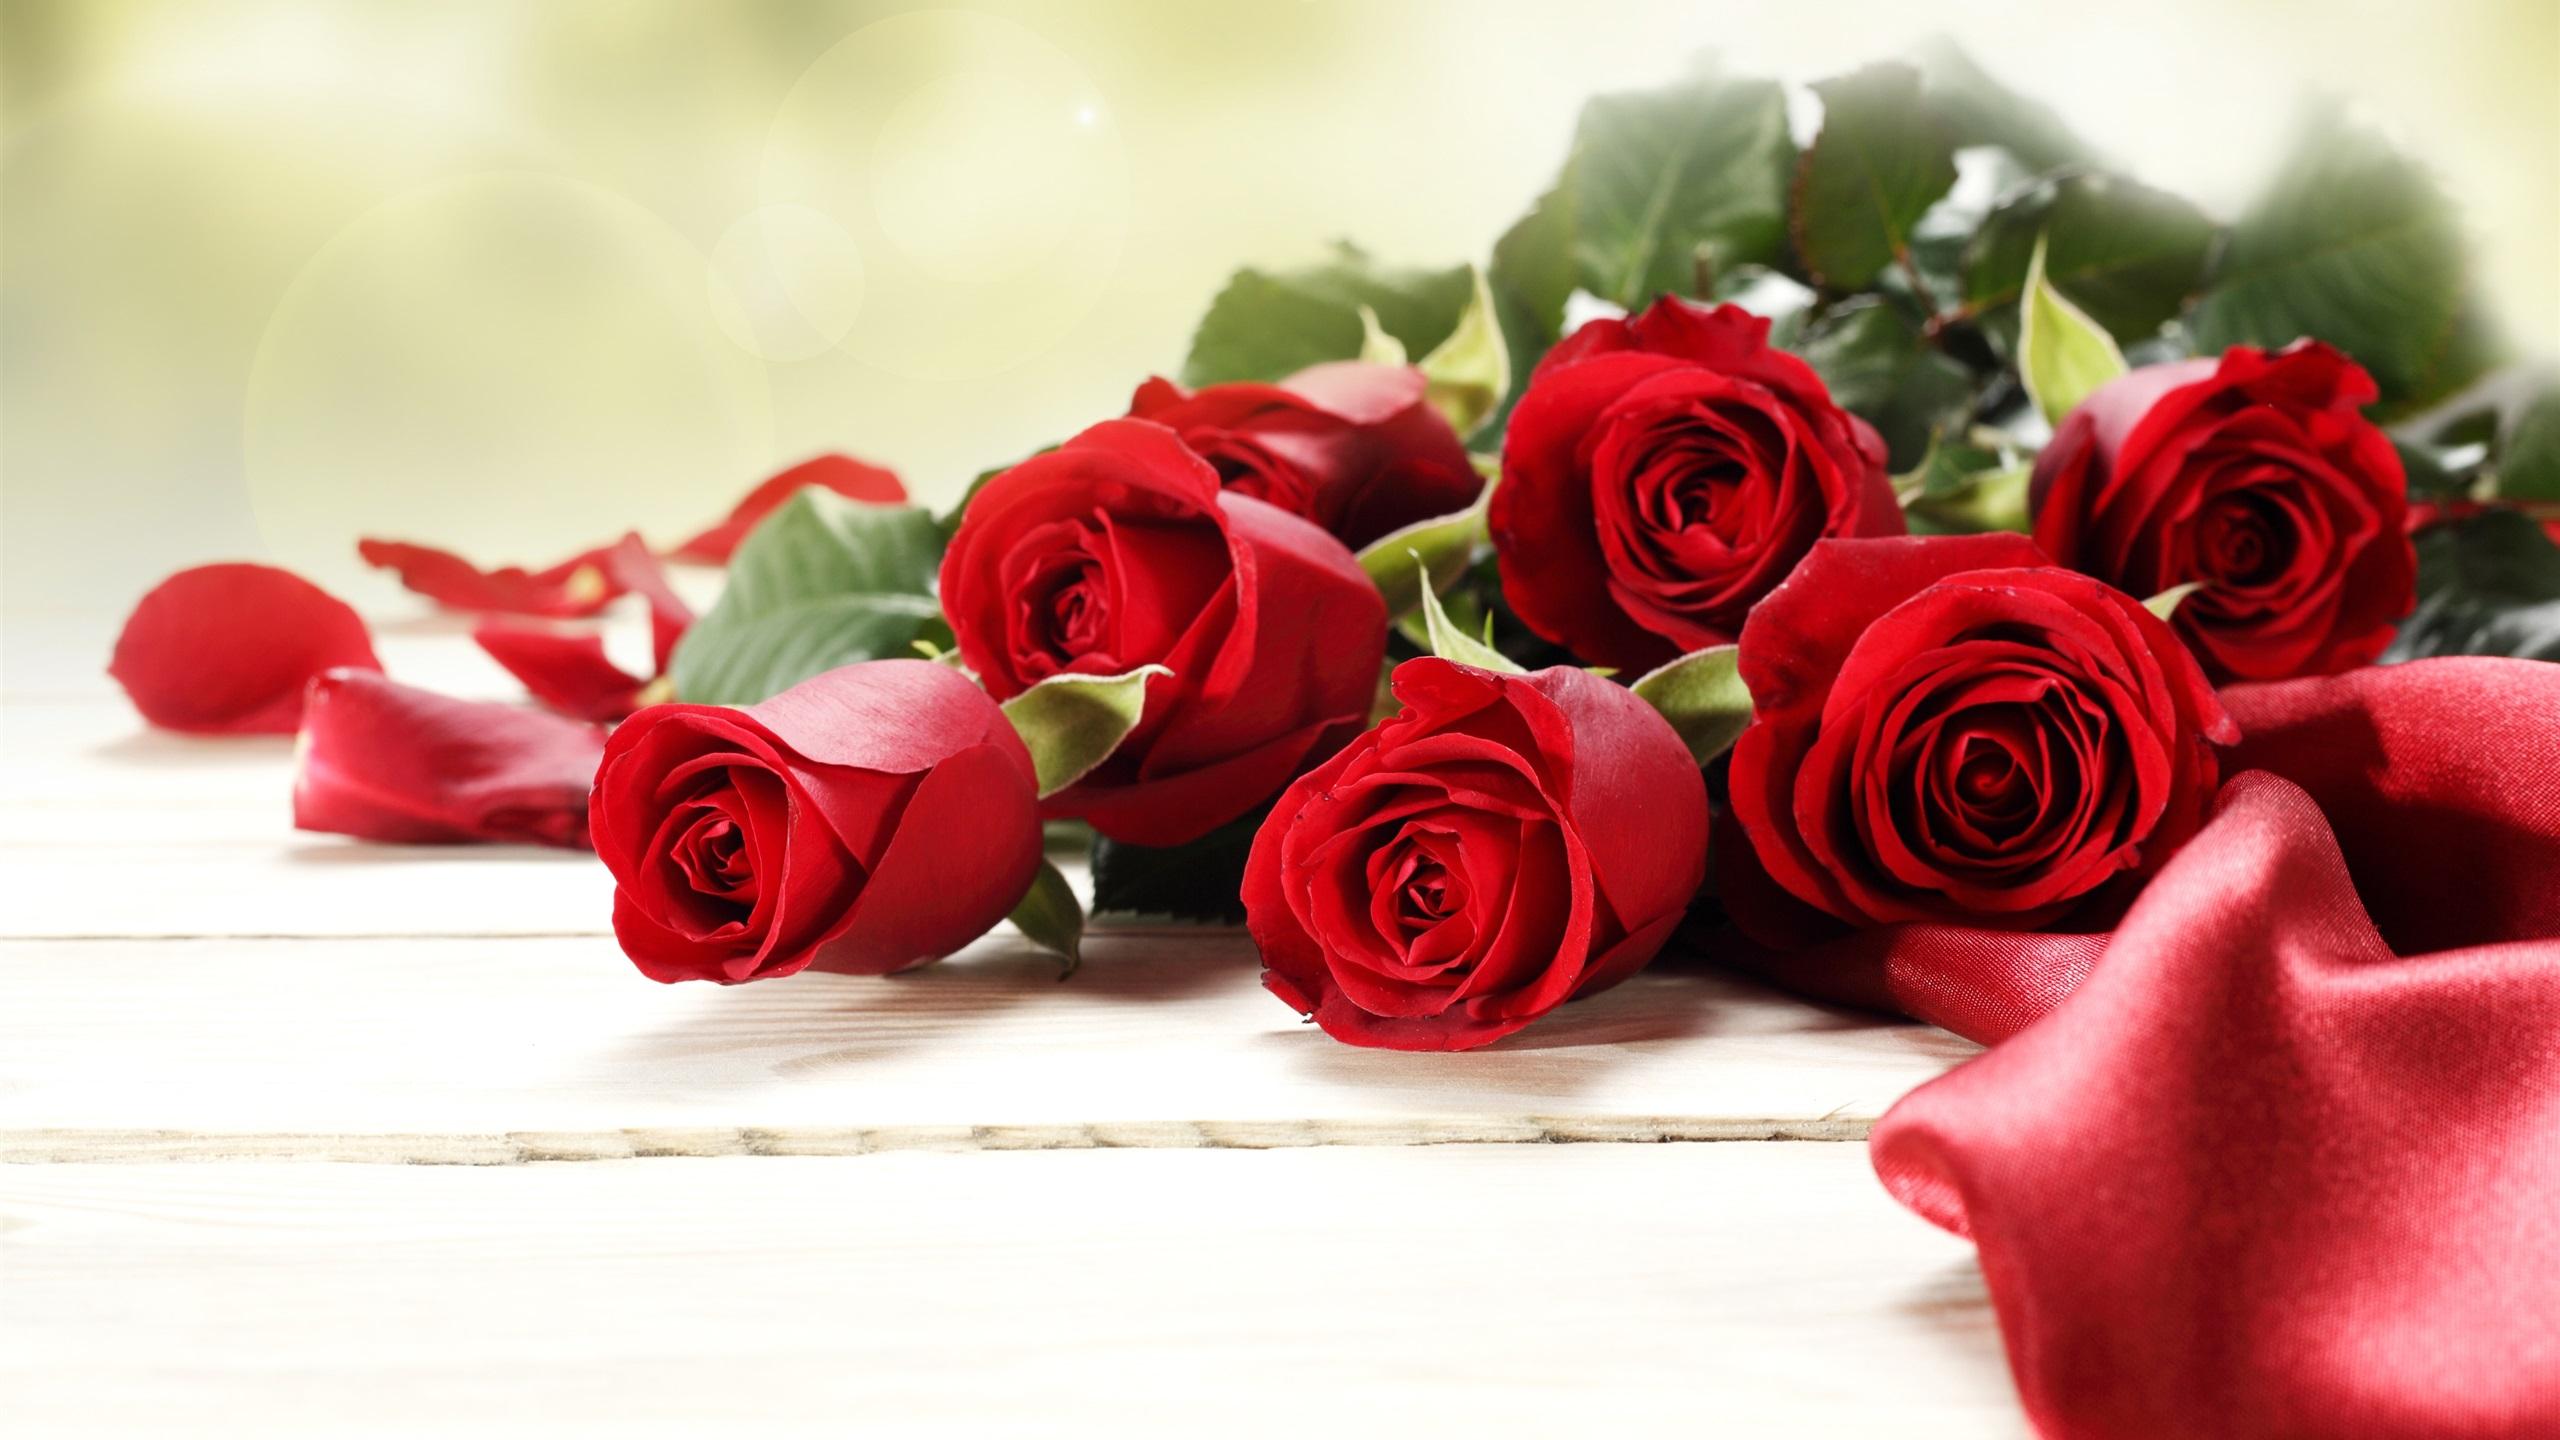 картинка розы на день рождения красные розы него так